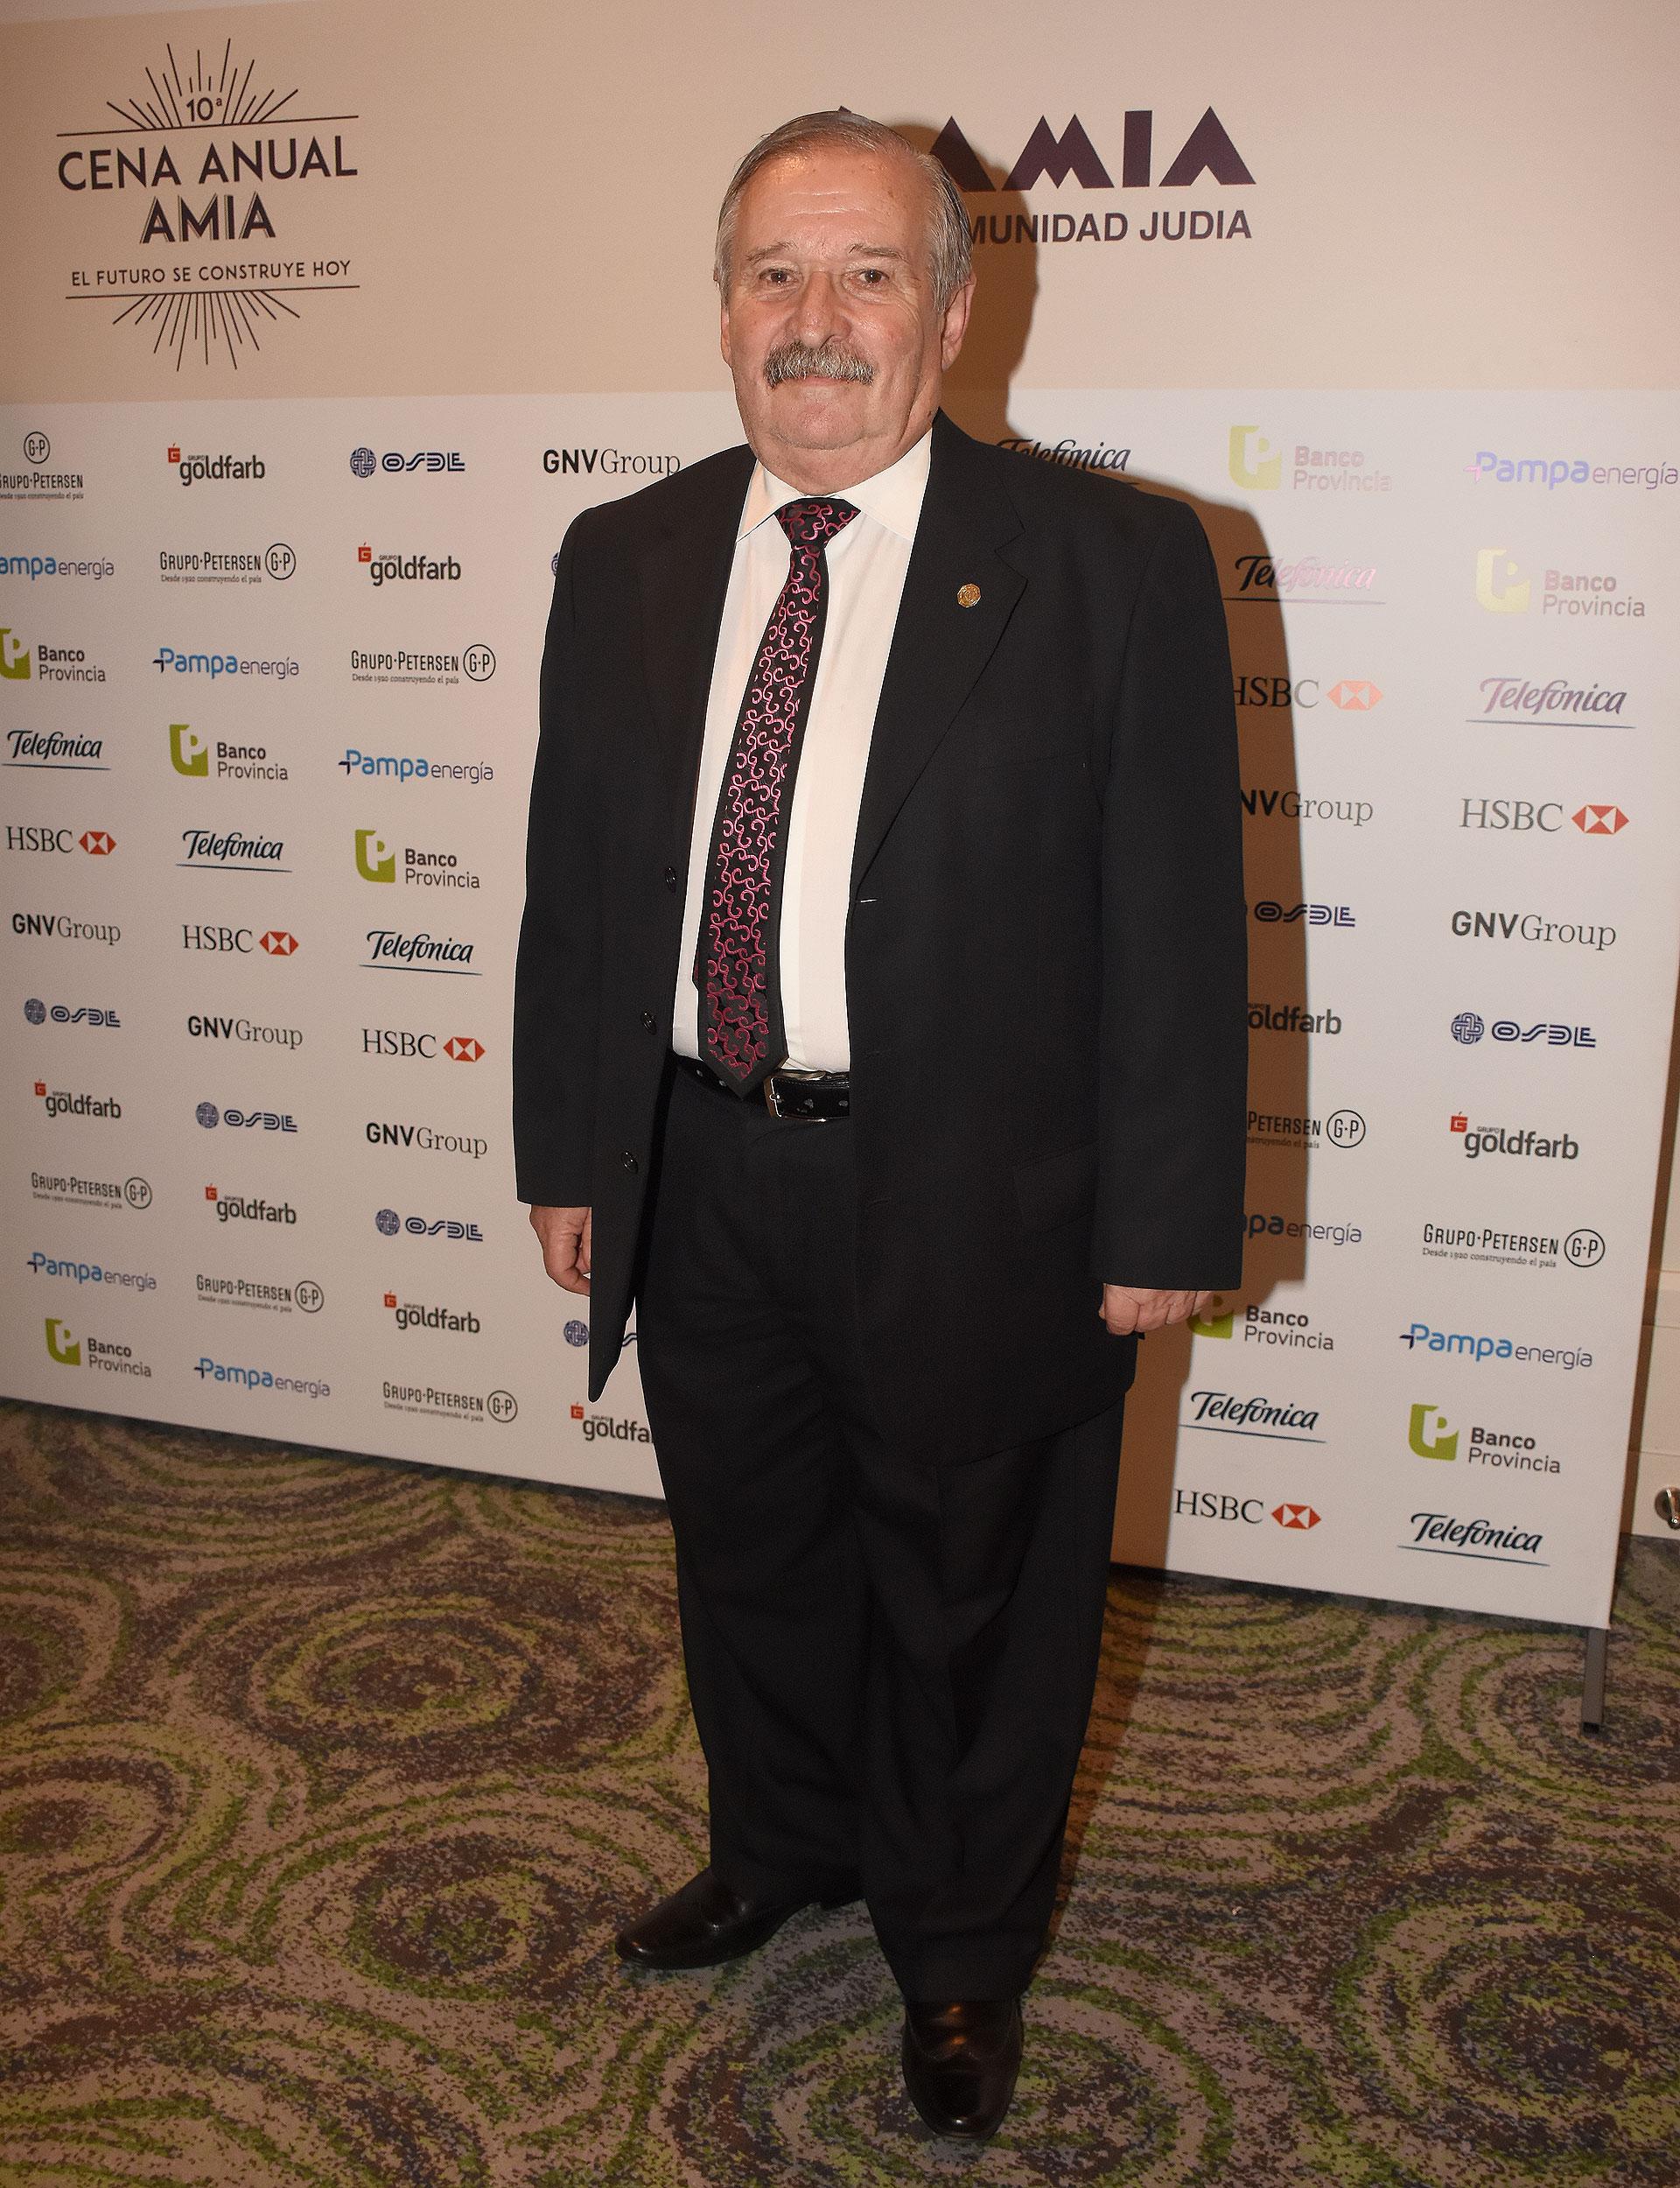 El ex presidente de la DAIA, Julio Schlosser